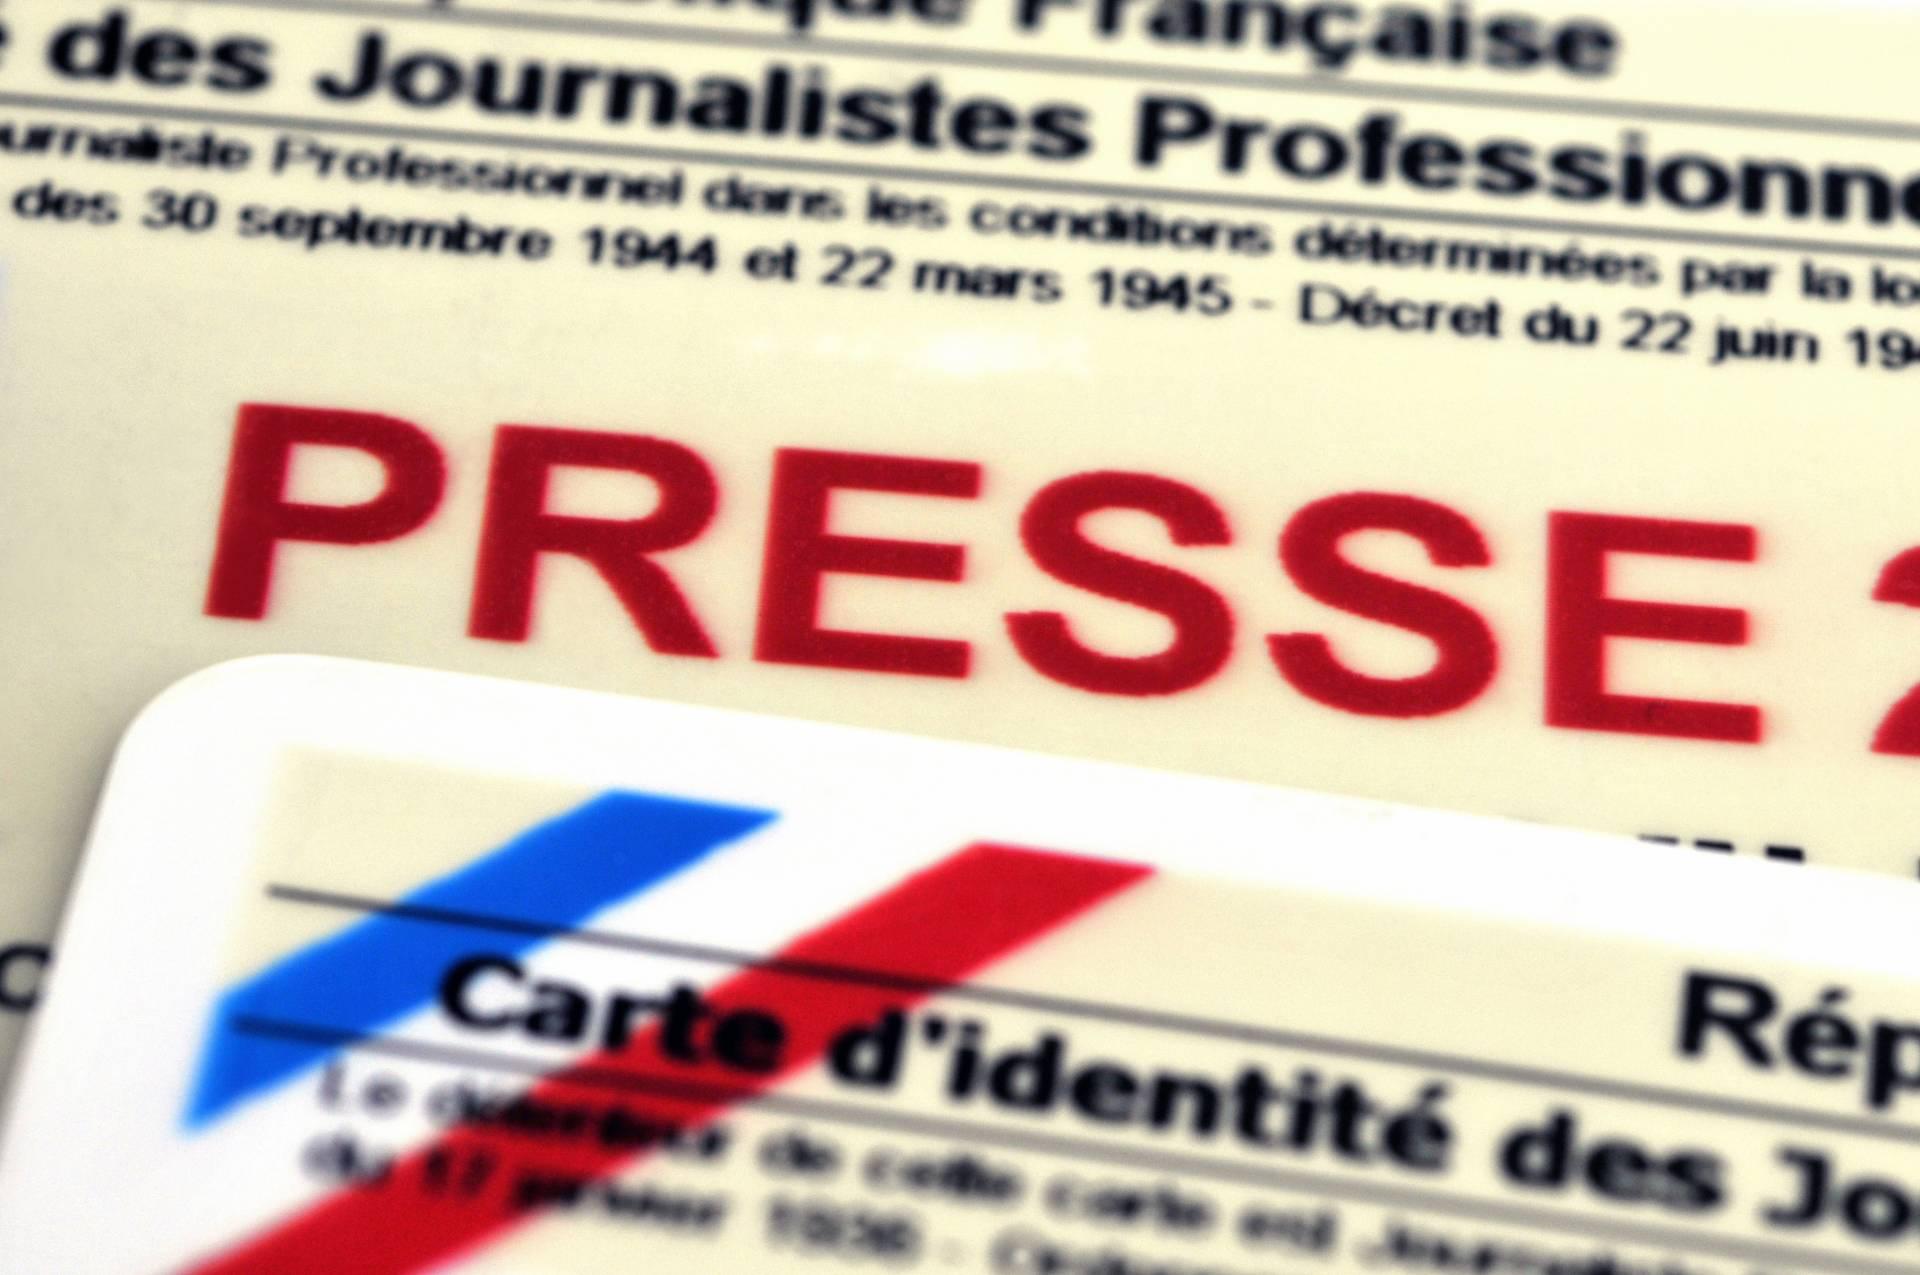 Rencontre FNPS : Les journalistes professionnels rémunérés à la pige